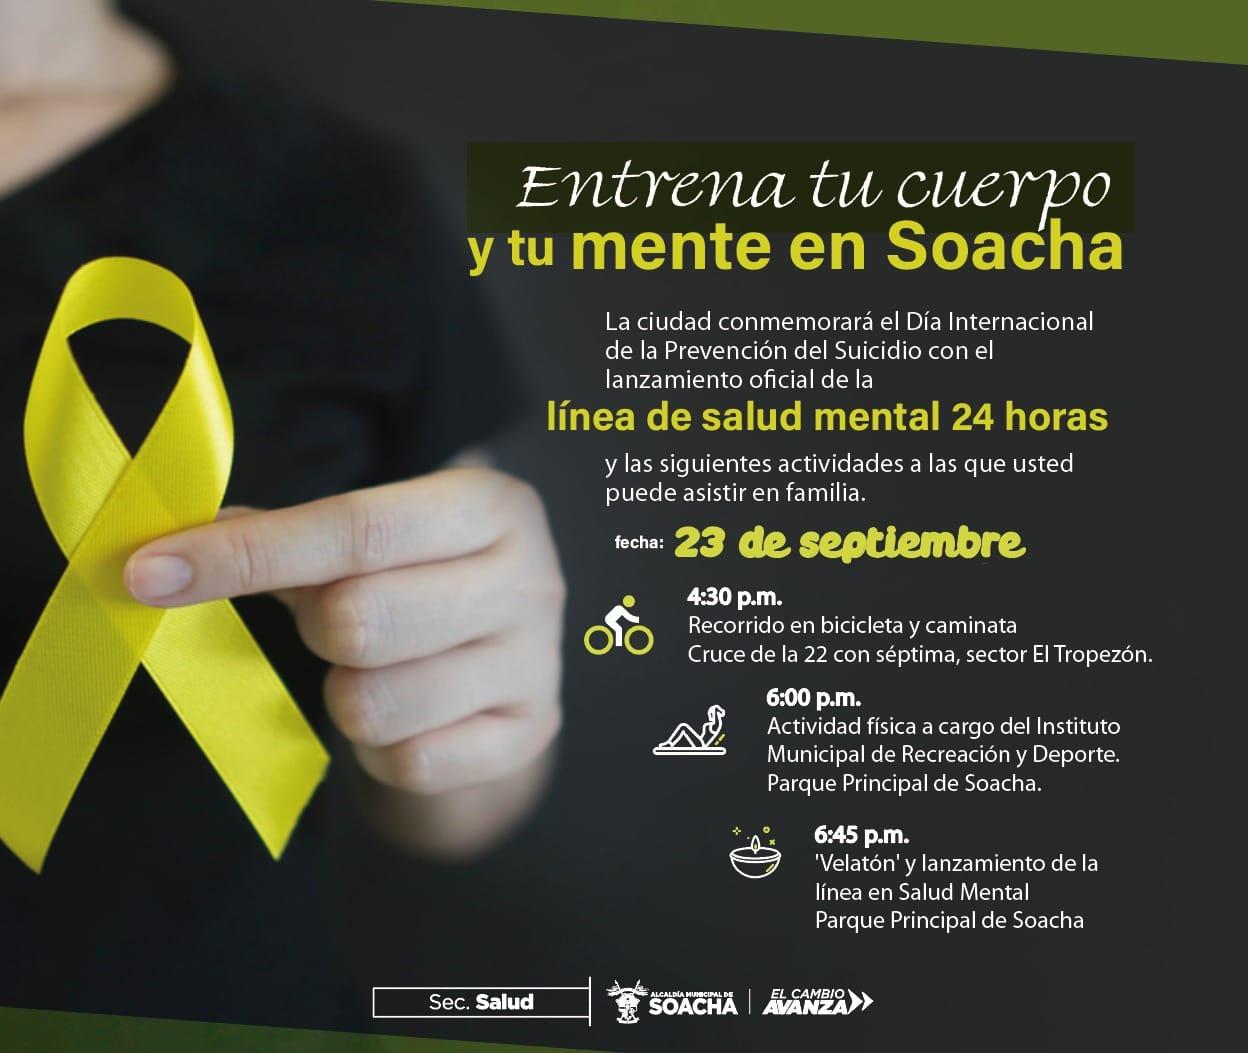 ¿Qué actividades harán en la jornada de salud mental en Soacha?